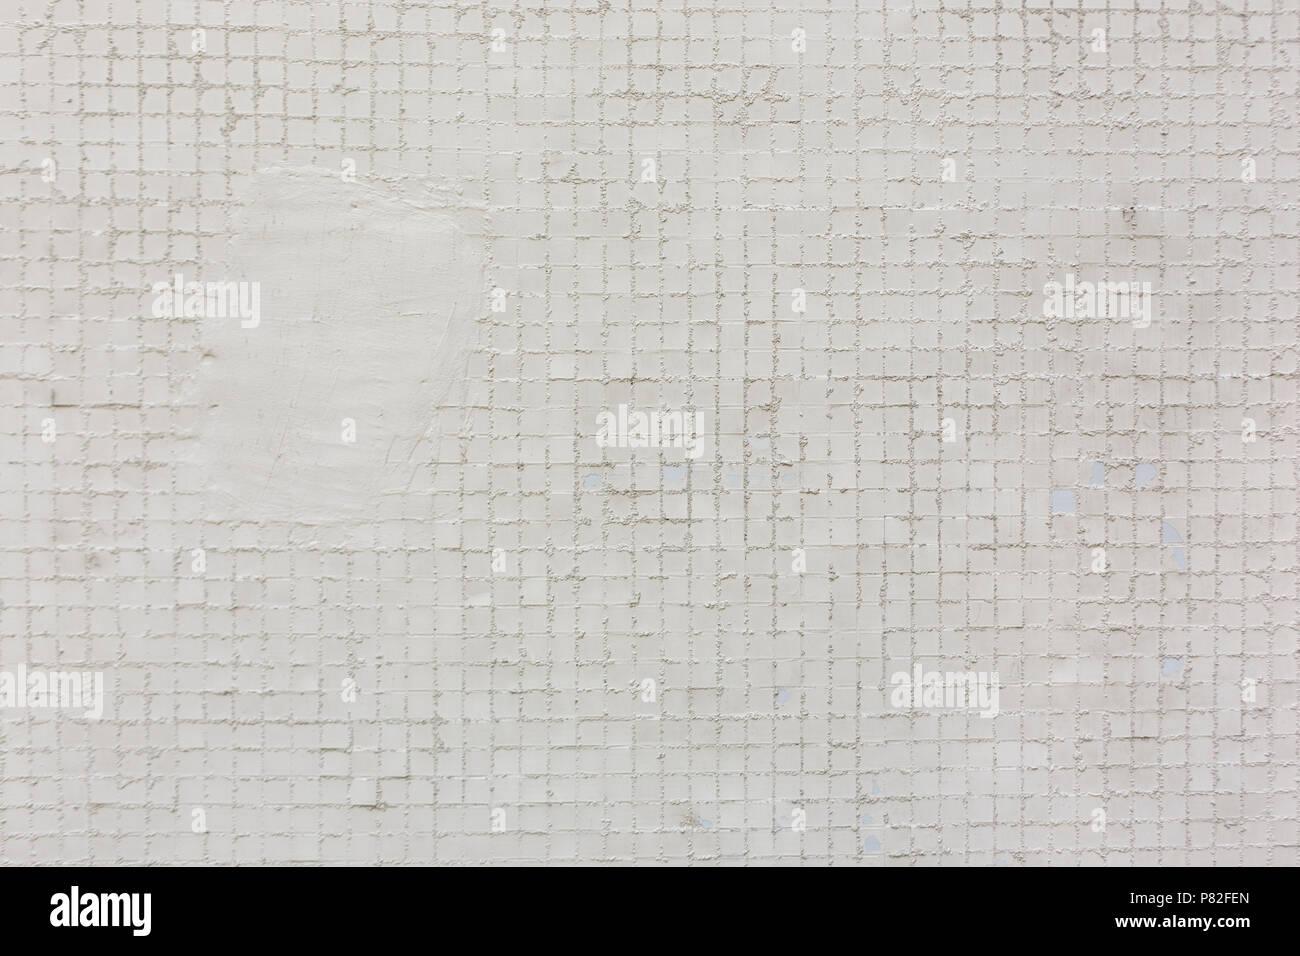 Quadrato bianco piastrelle pattern sfondo texture foto & immagine